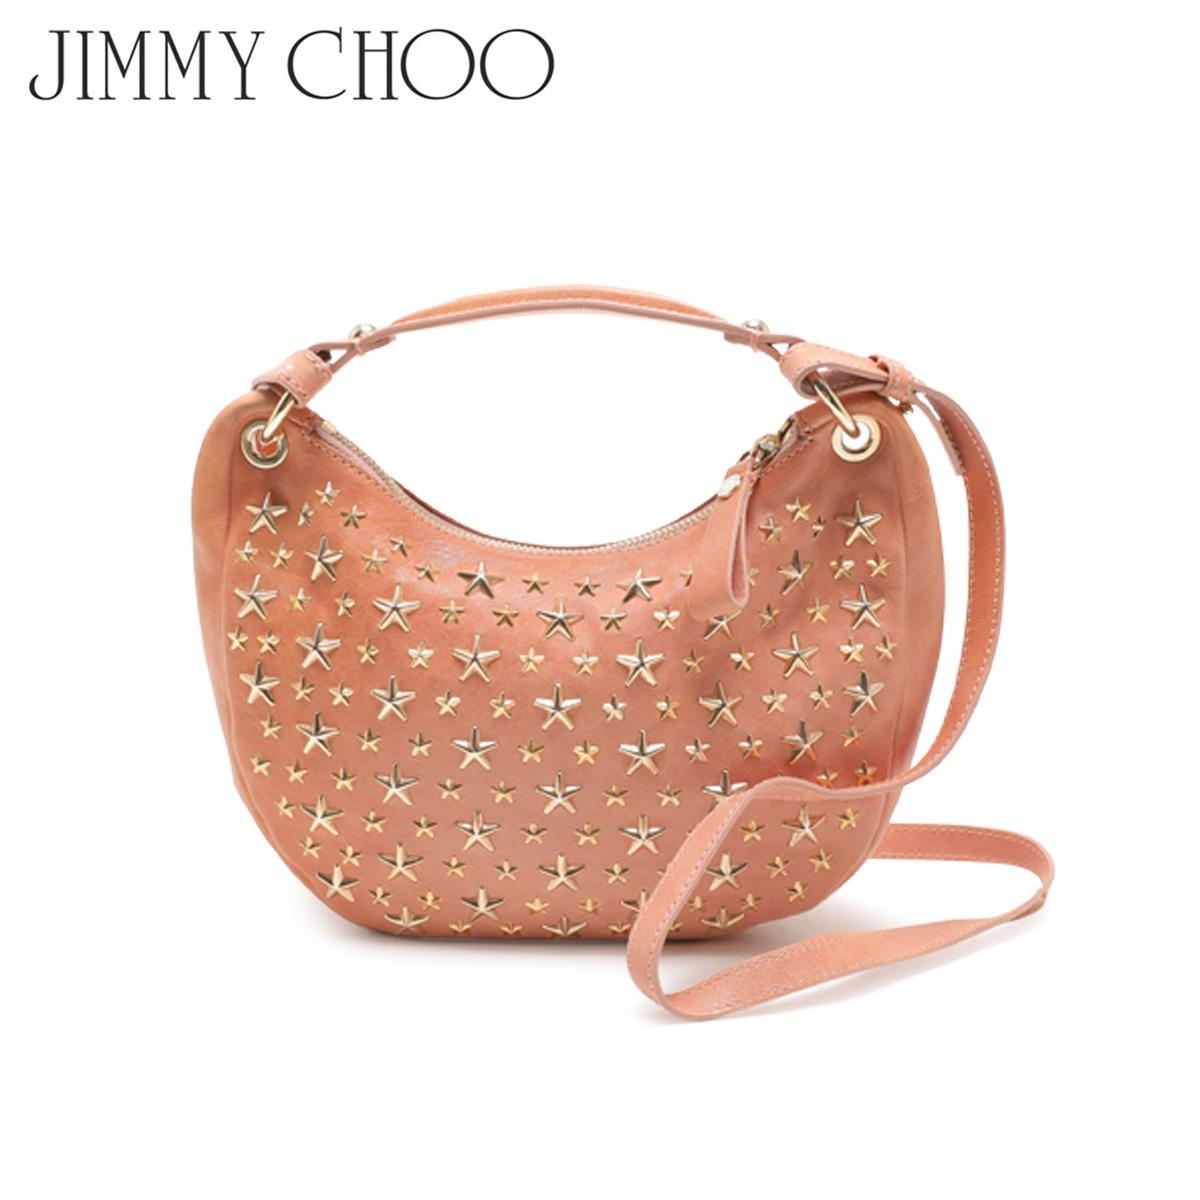 【訳あり】 JIMMY CHOO SHOULDER BAG ジミーチュウ バッグ ショルダーバッグ スタッズ レディース ベージュ 1667330 【返品不可】